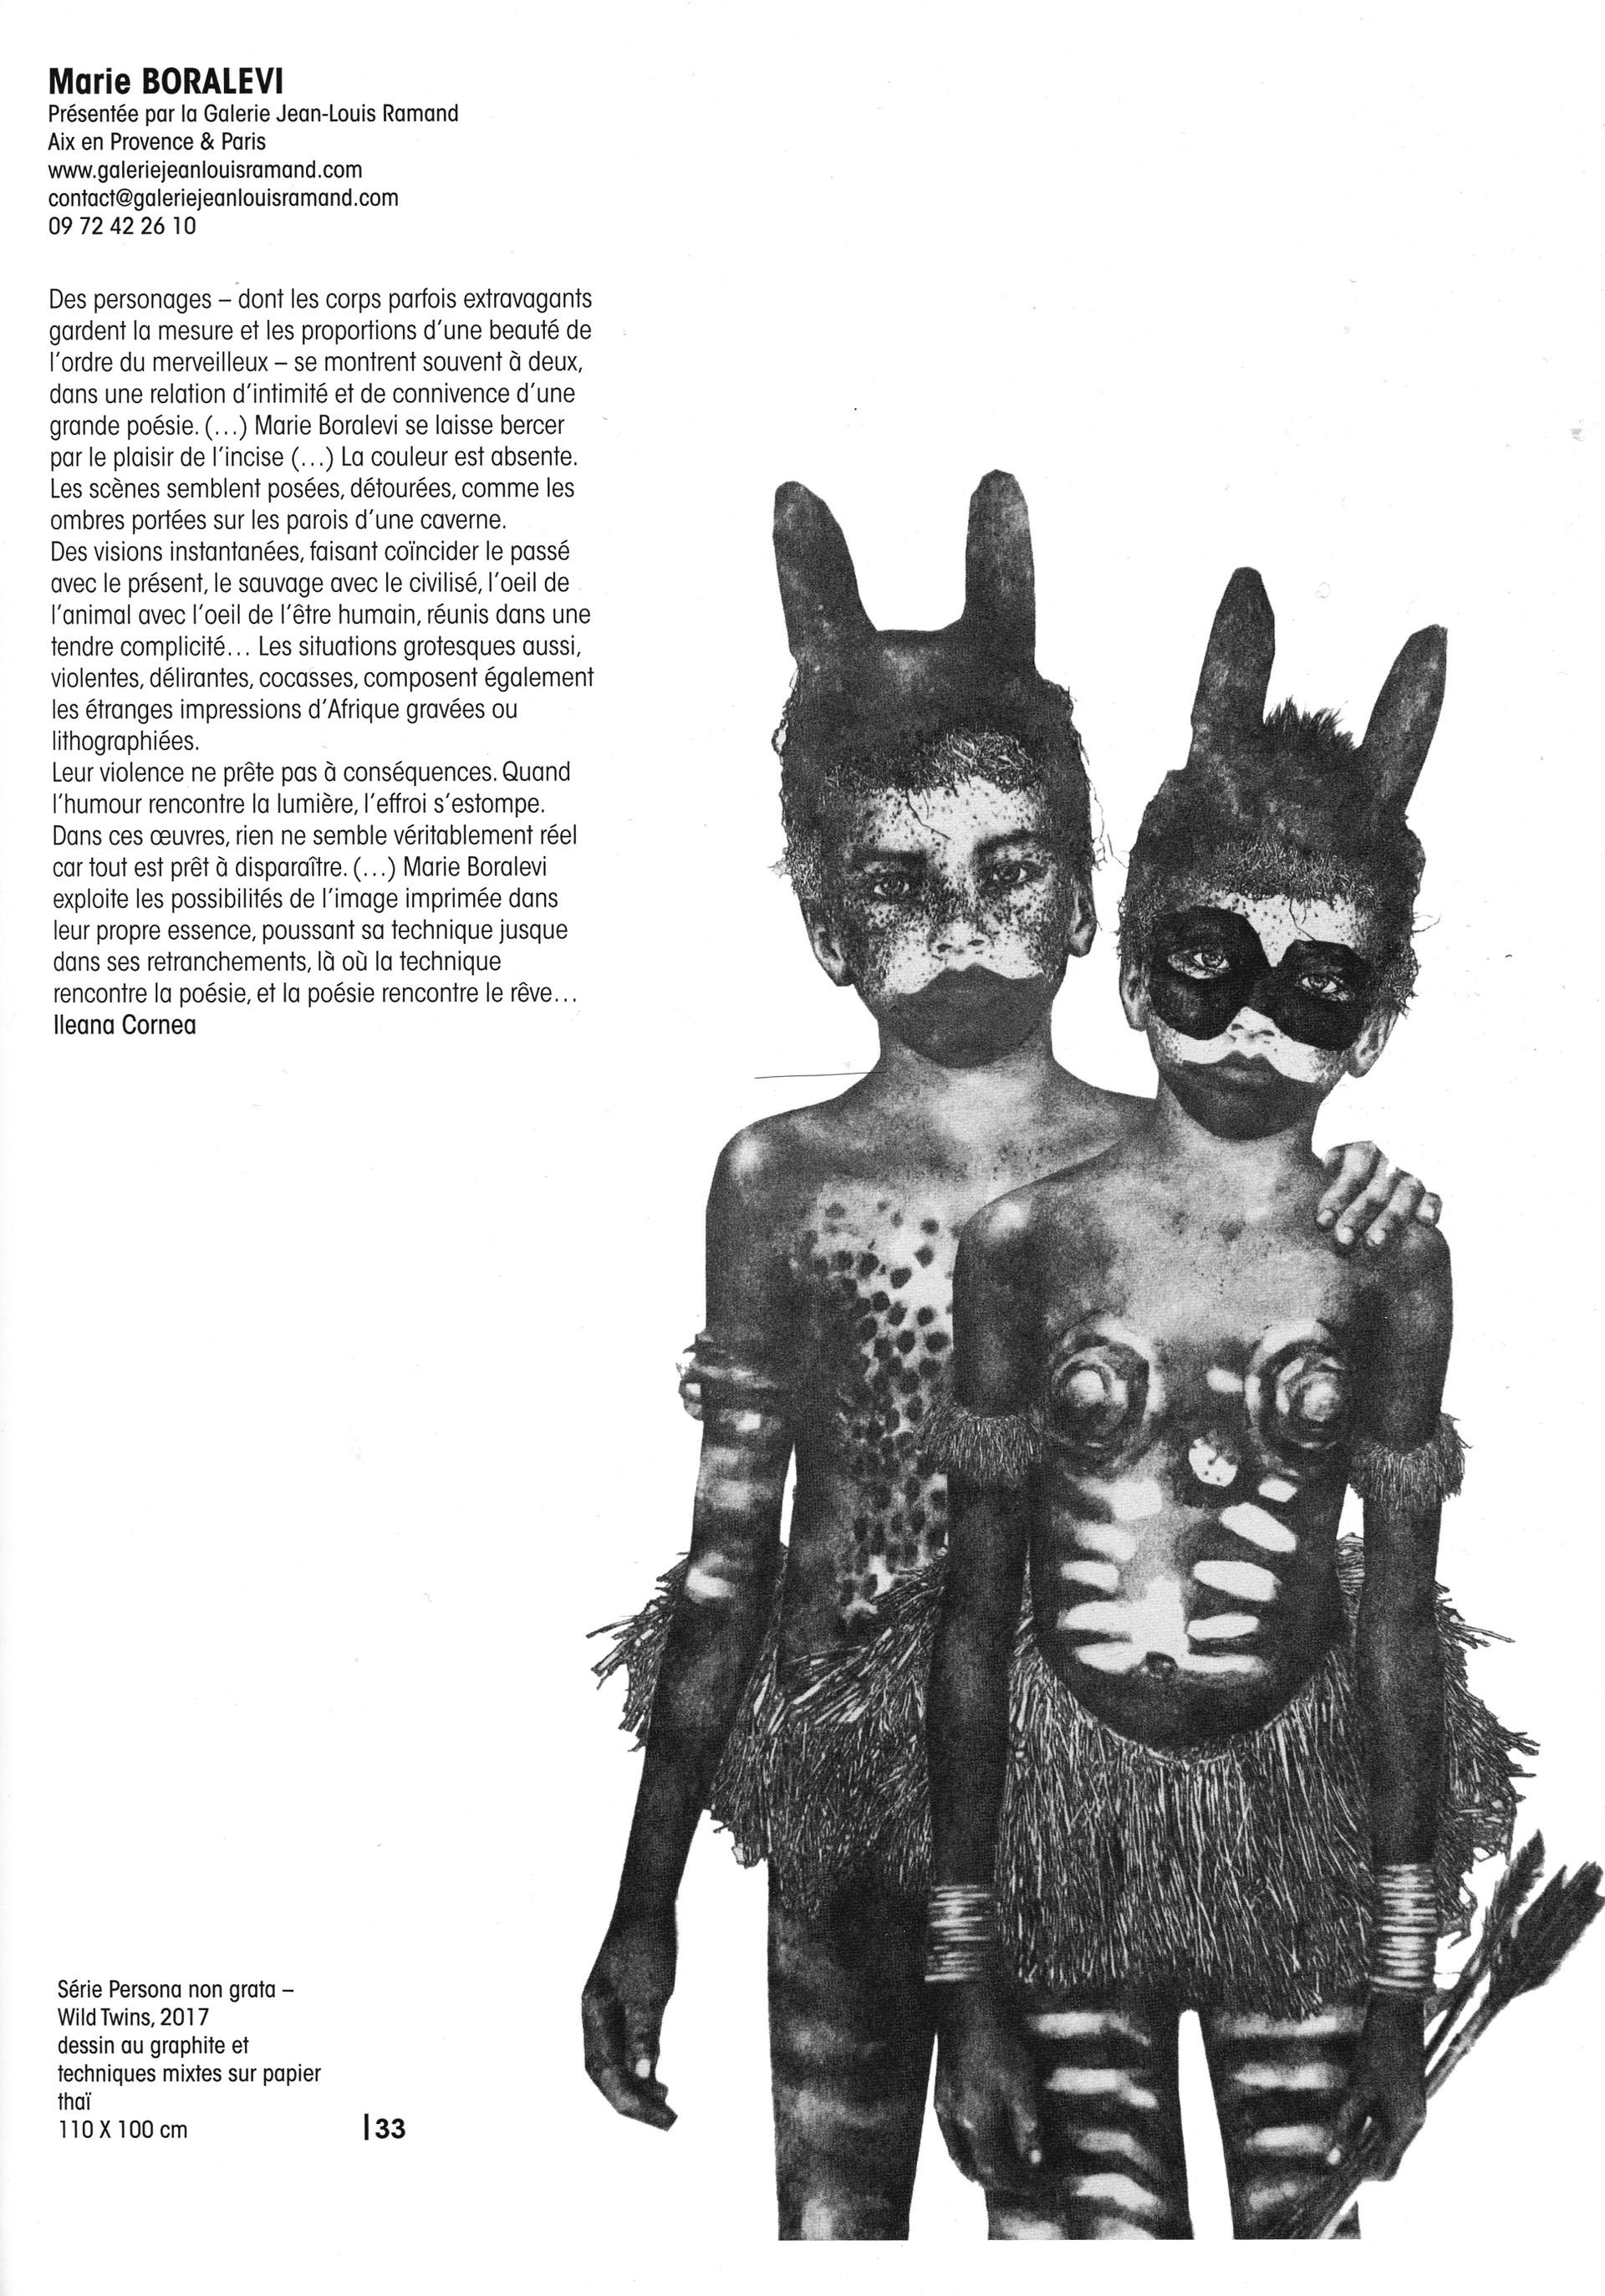 scan-Lyon-art-paper-marie-boralevi-2019-